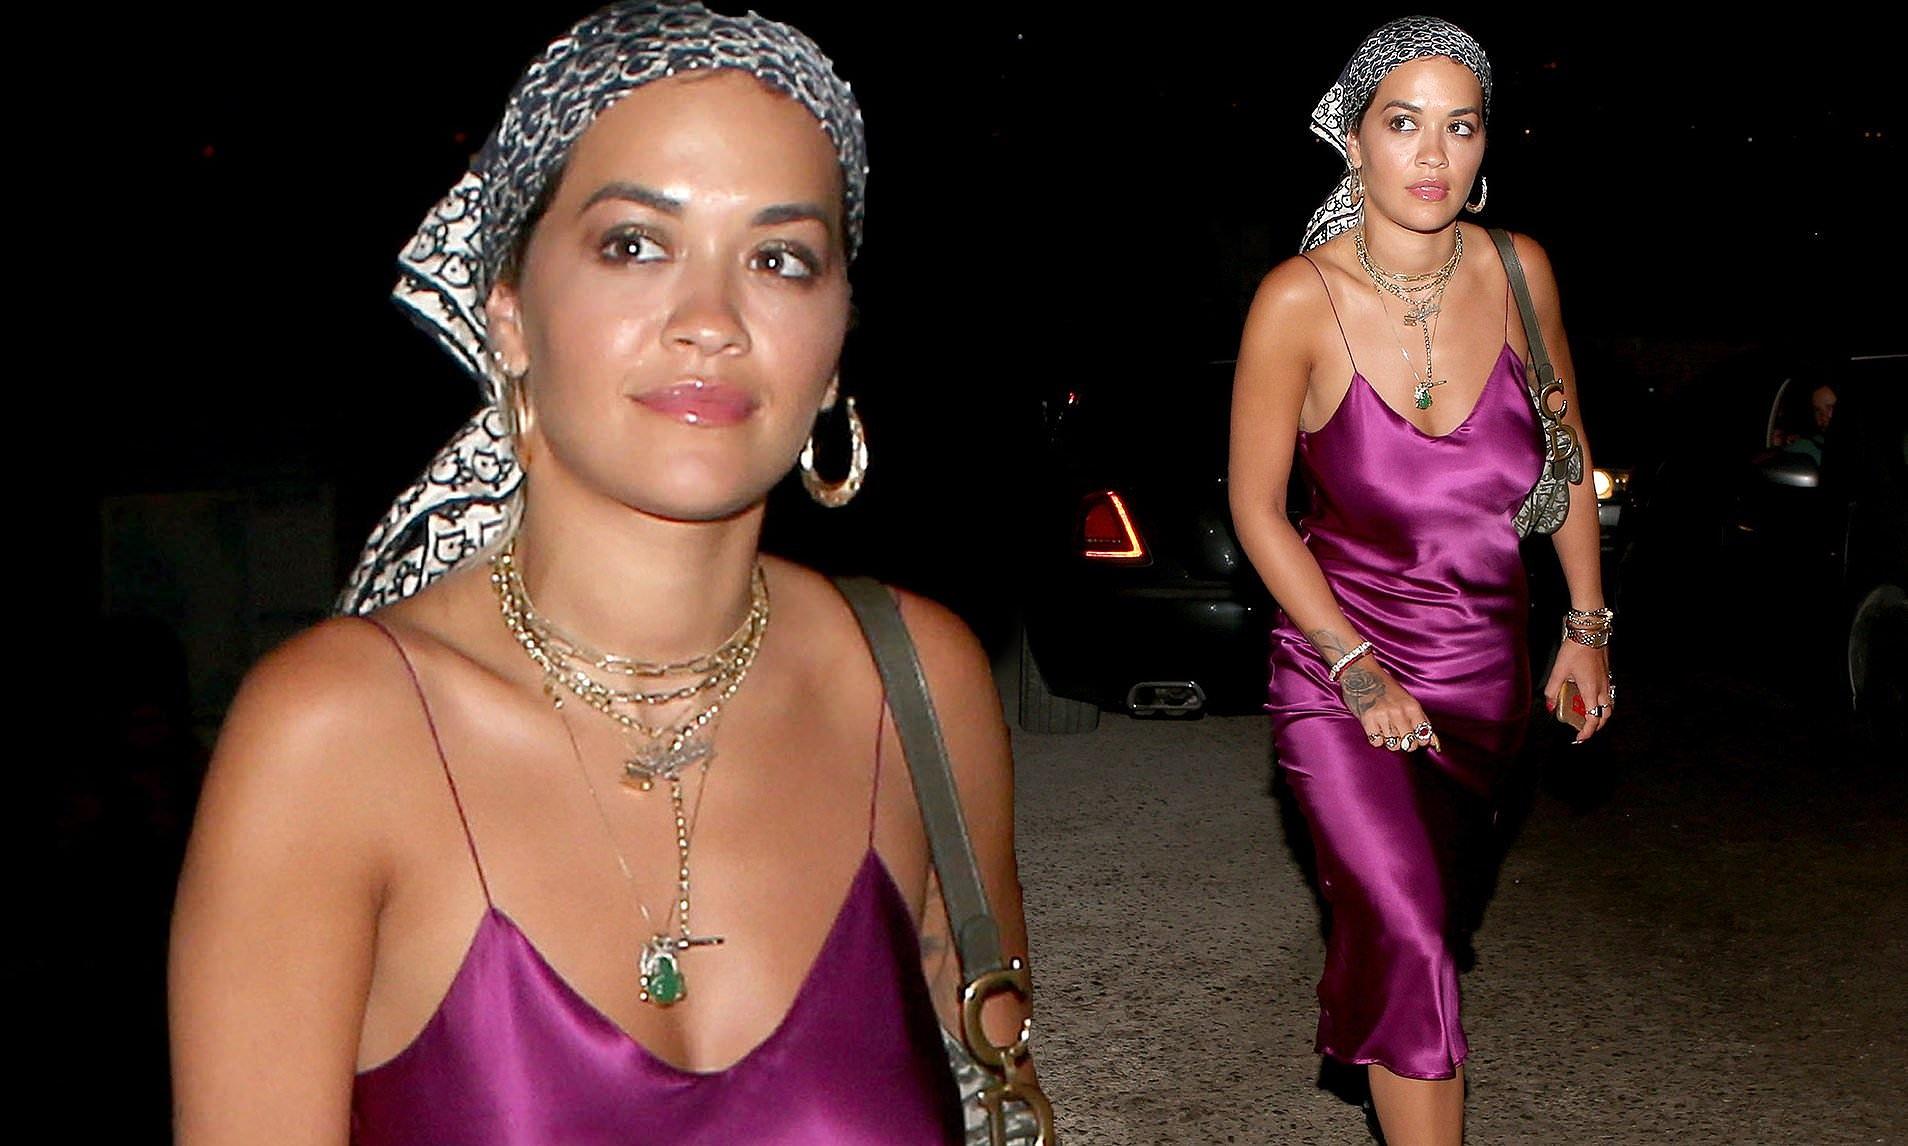 Rita Ora mặc váy lụa, không áo ngực khiến fan hốt hoảng - Hình 1